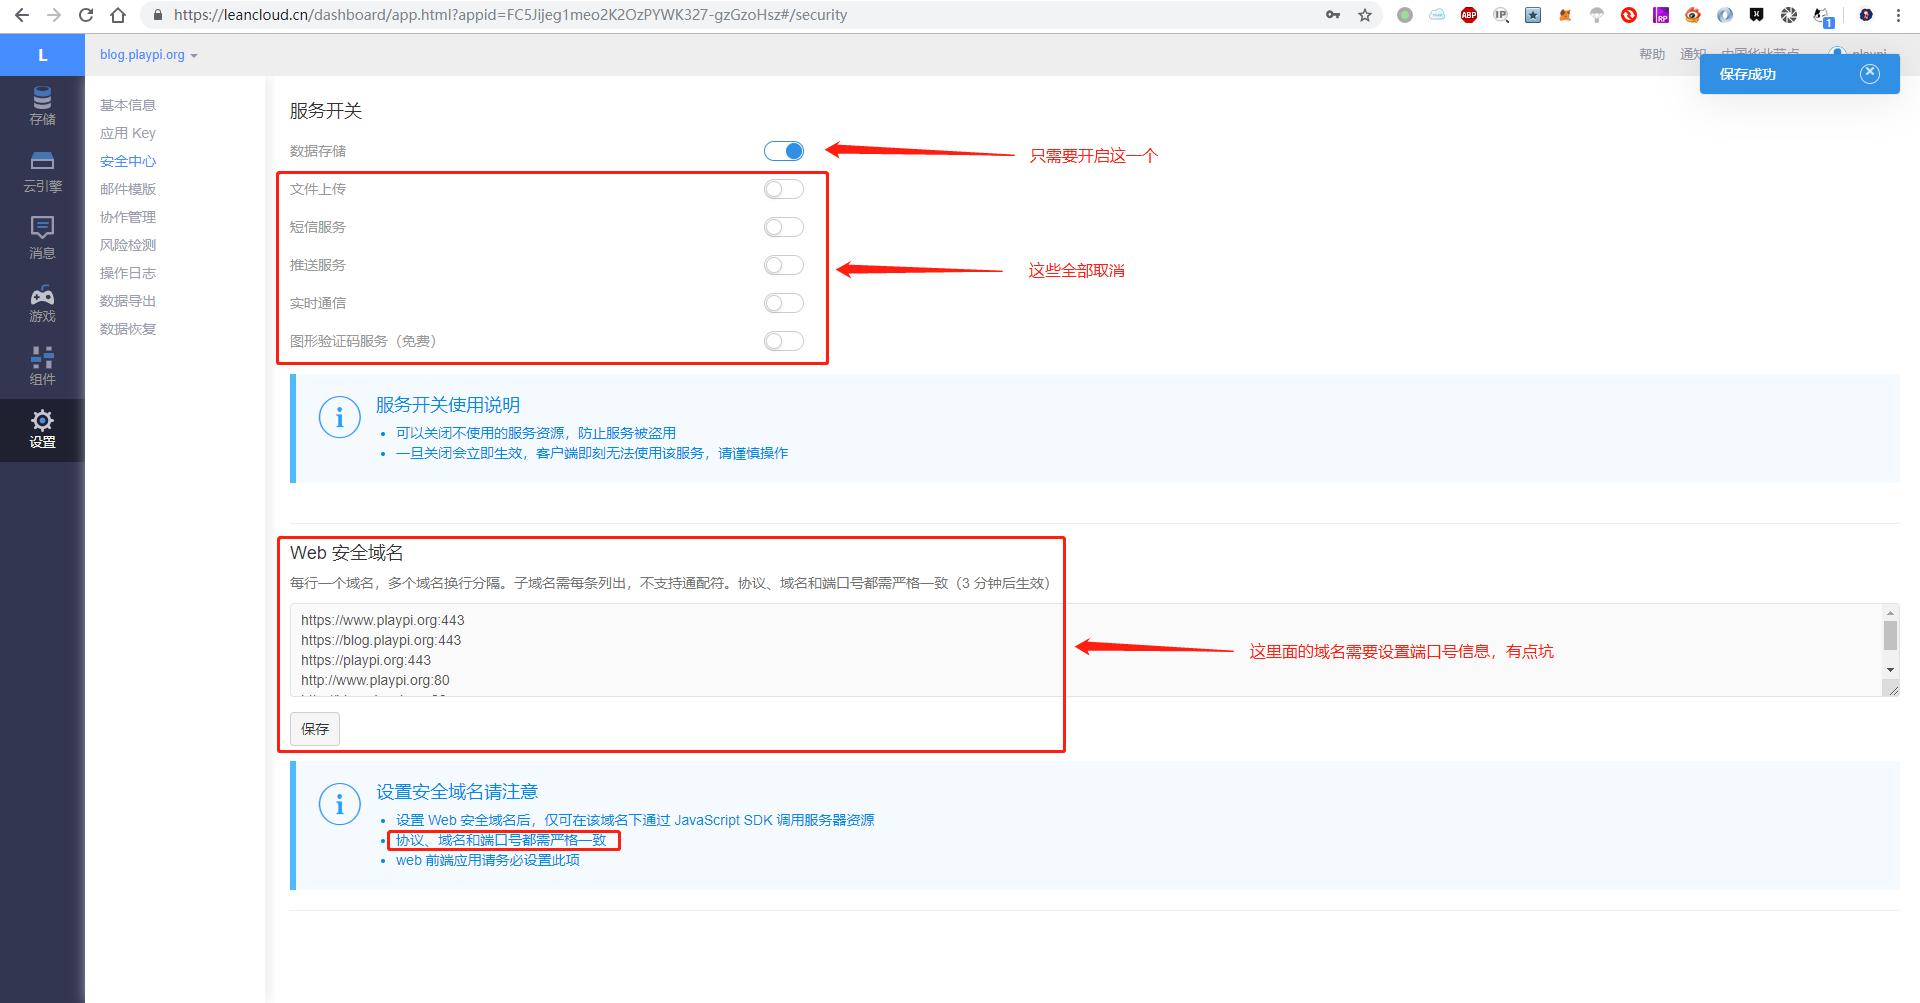 设置 Web 安全域名